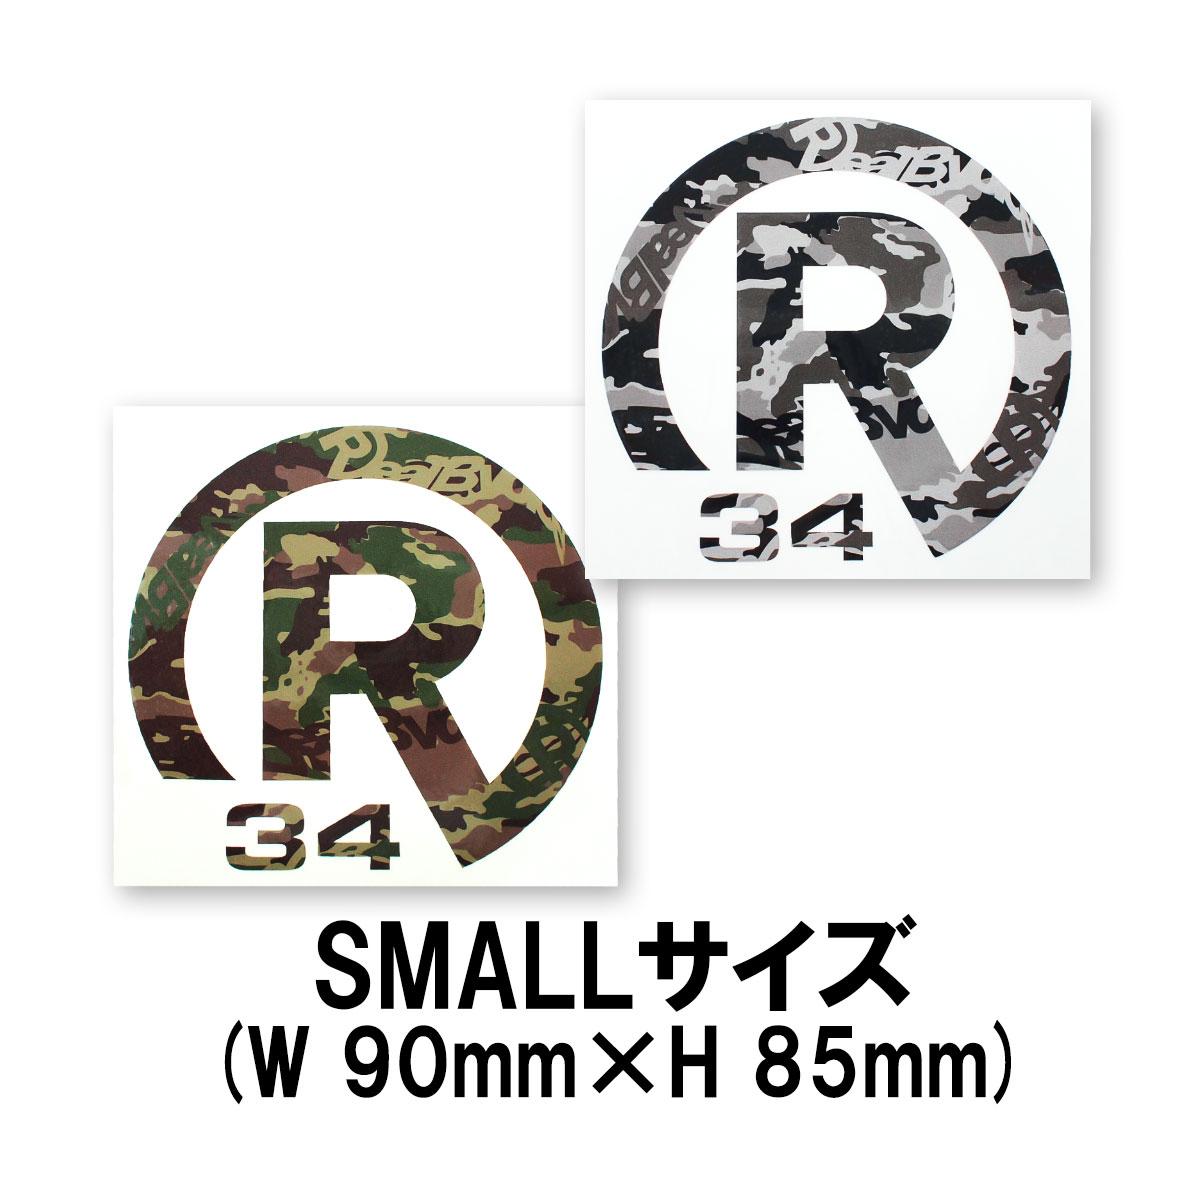 STICKER R34 CAMO  SMALLサイズ